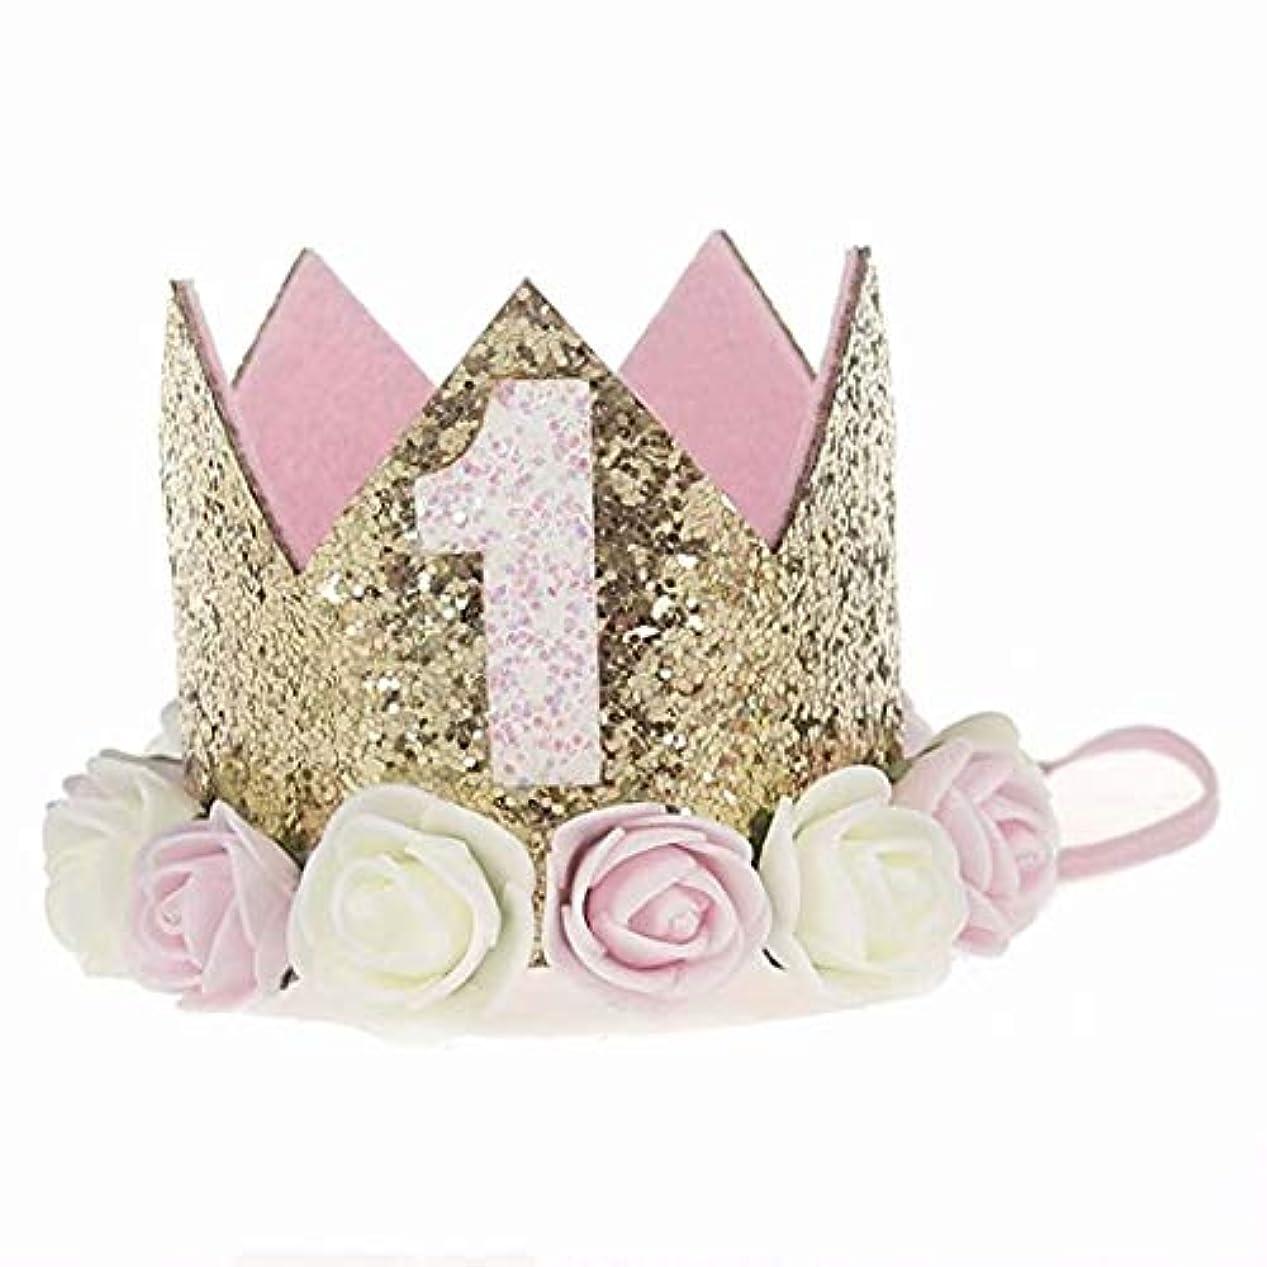 ラテン寄付する必要がある七里の香 誕生日クラウン ベビーローズフラワー デジタルクラウンヘッドバンド 誕生日ヘアアクセサリー 子供のための